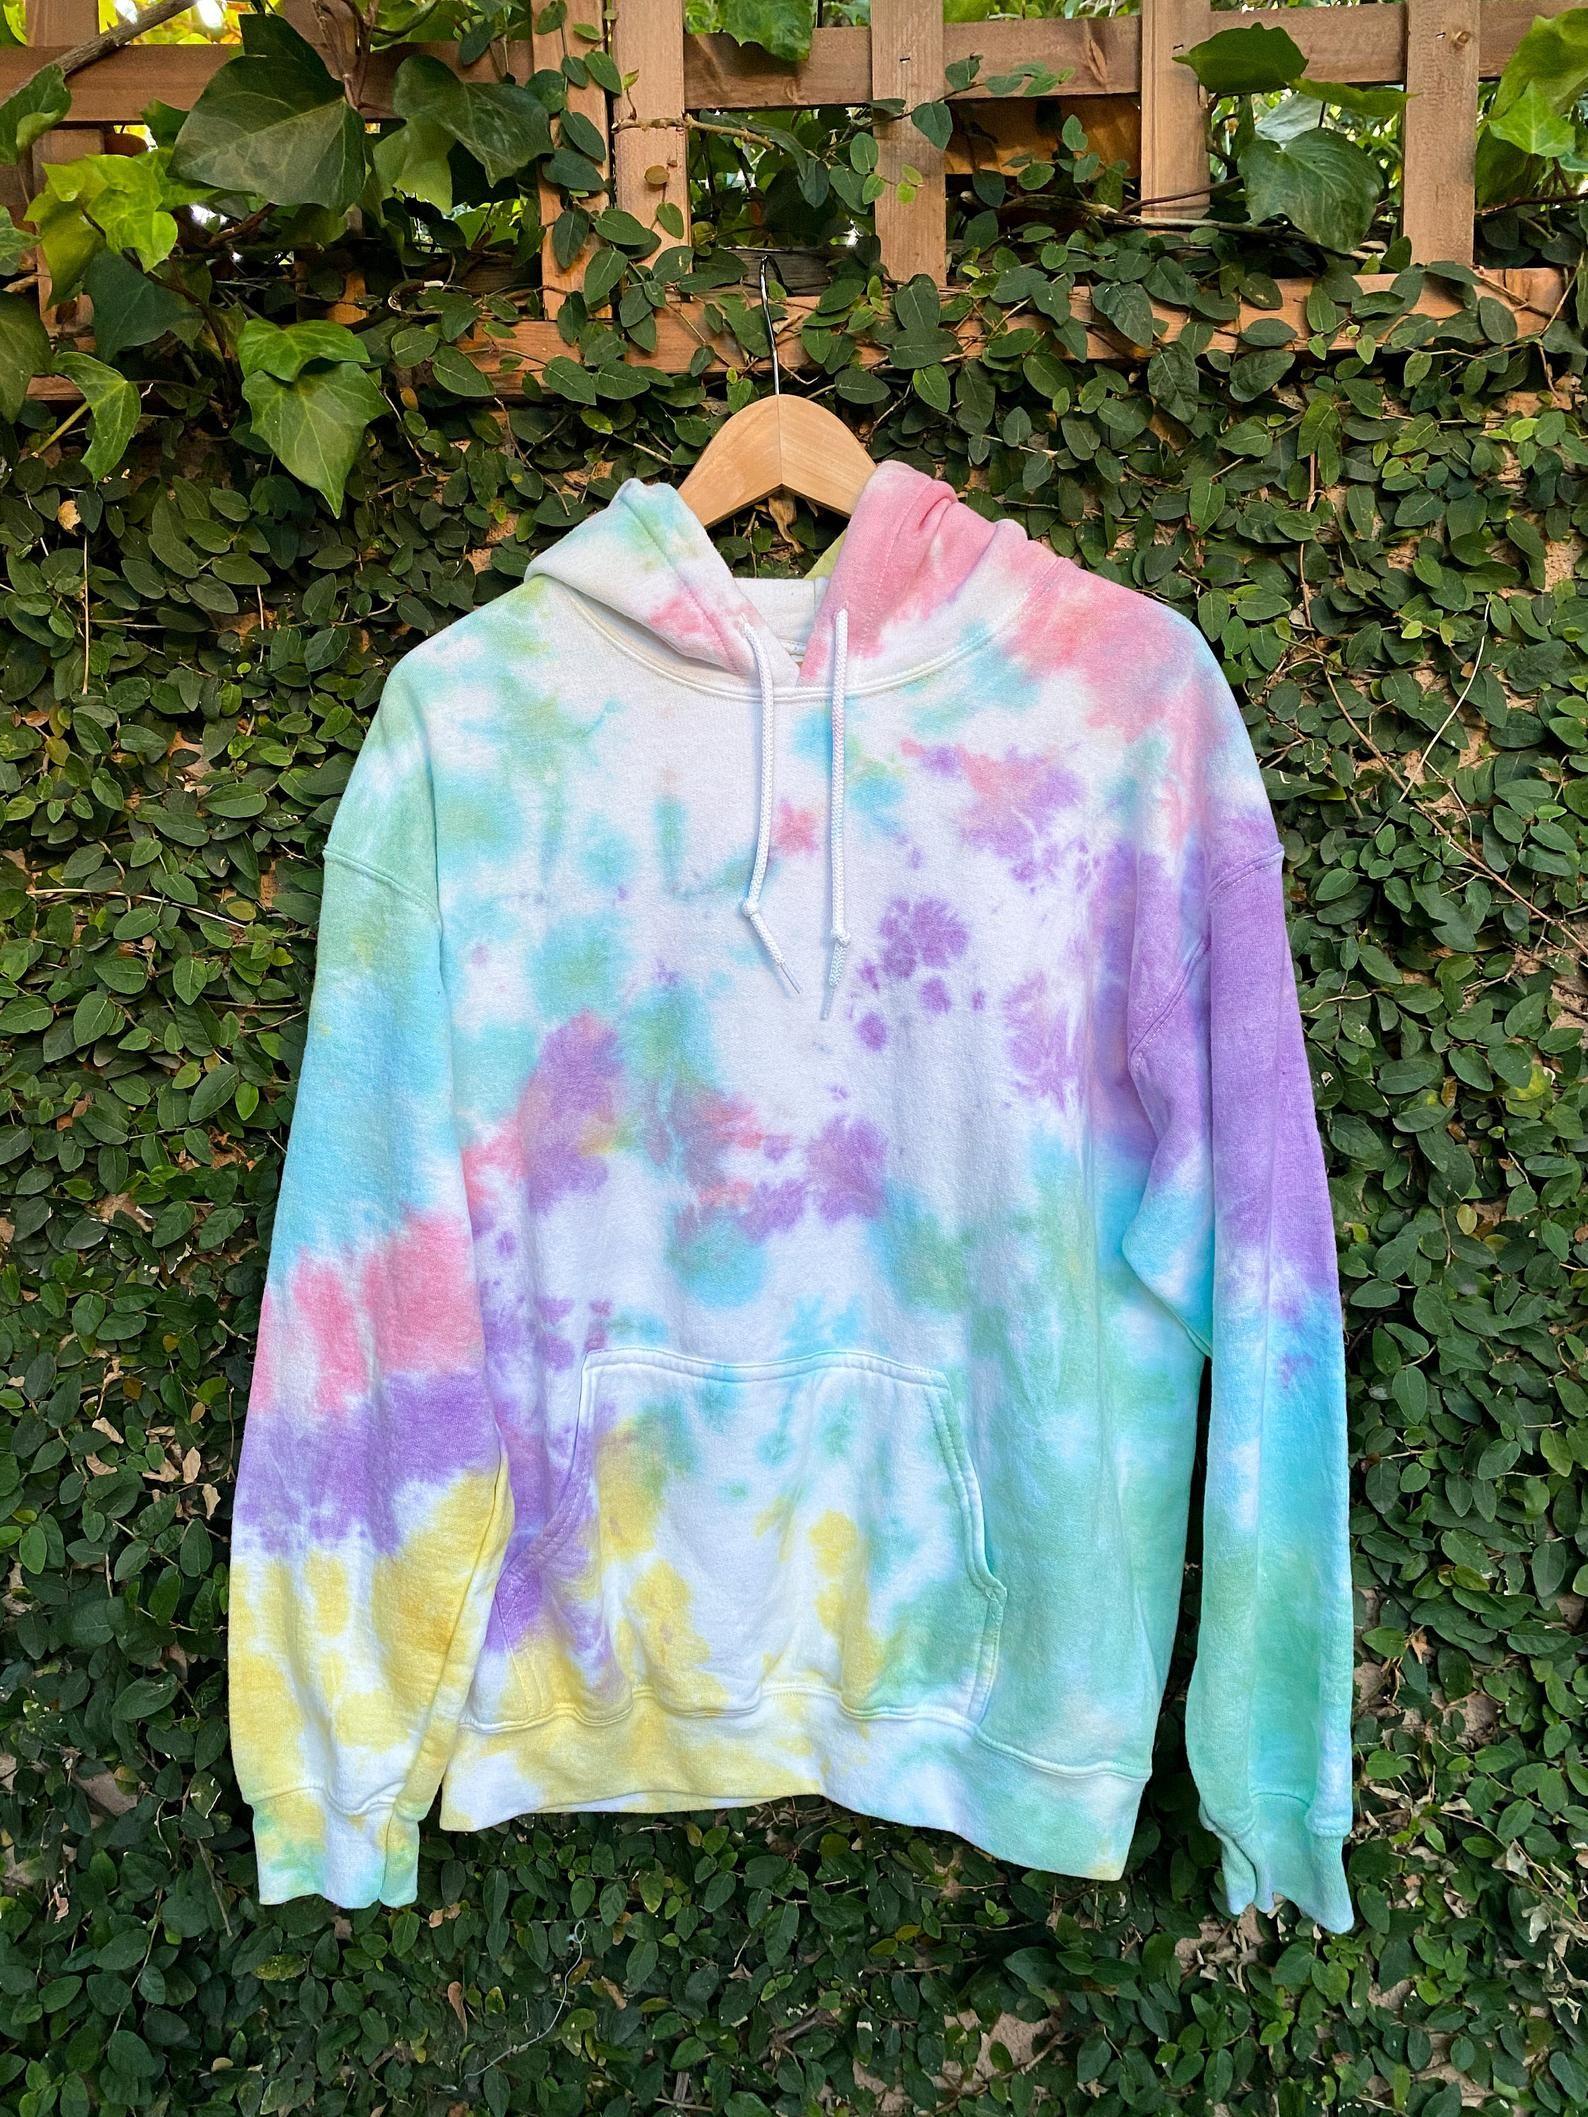 Tie Dye Hoodie Or Sweatshirt Single Color Crumple Tie Dye Etsy Tie Dye Hoodie Tie Dye Tie Dye Sweatshirt [ 2117 x 1588 Pixel ]